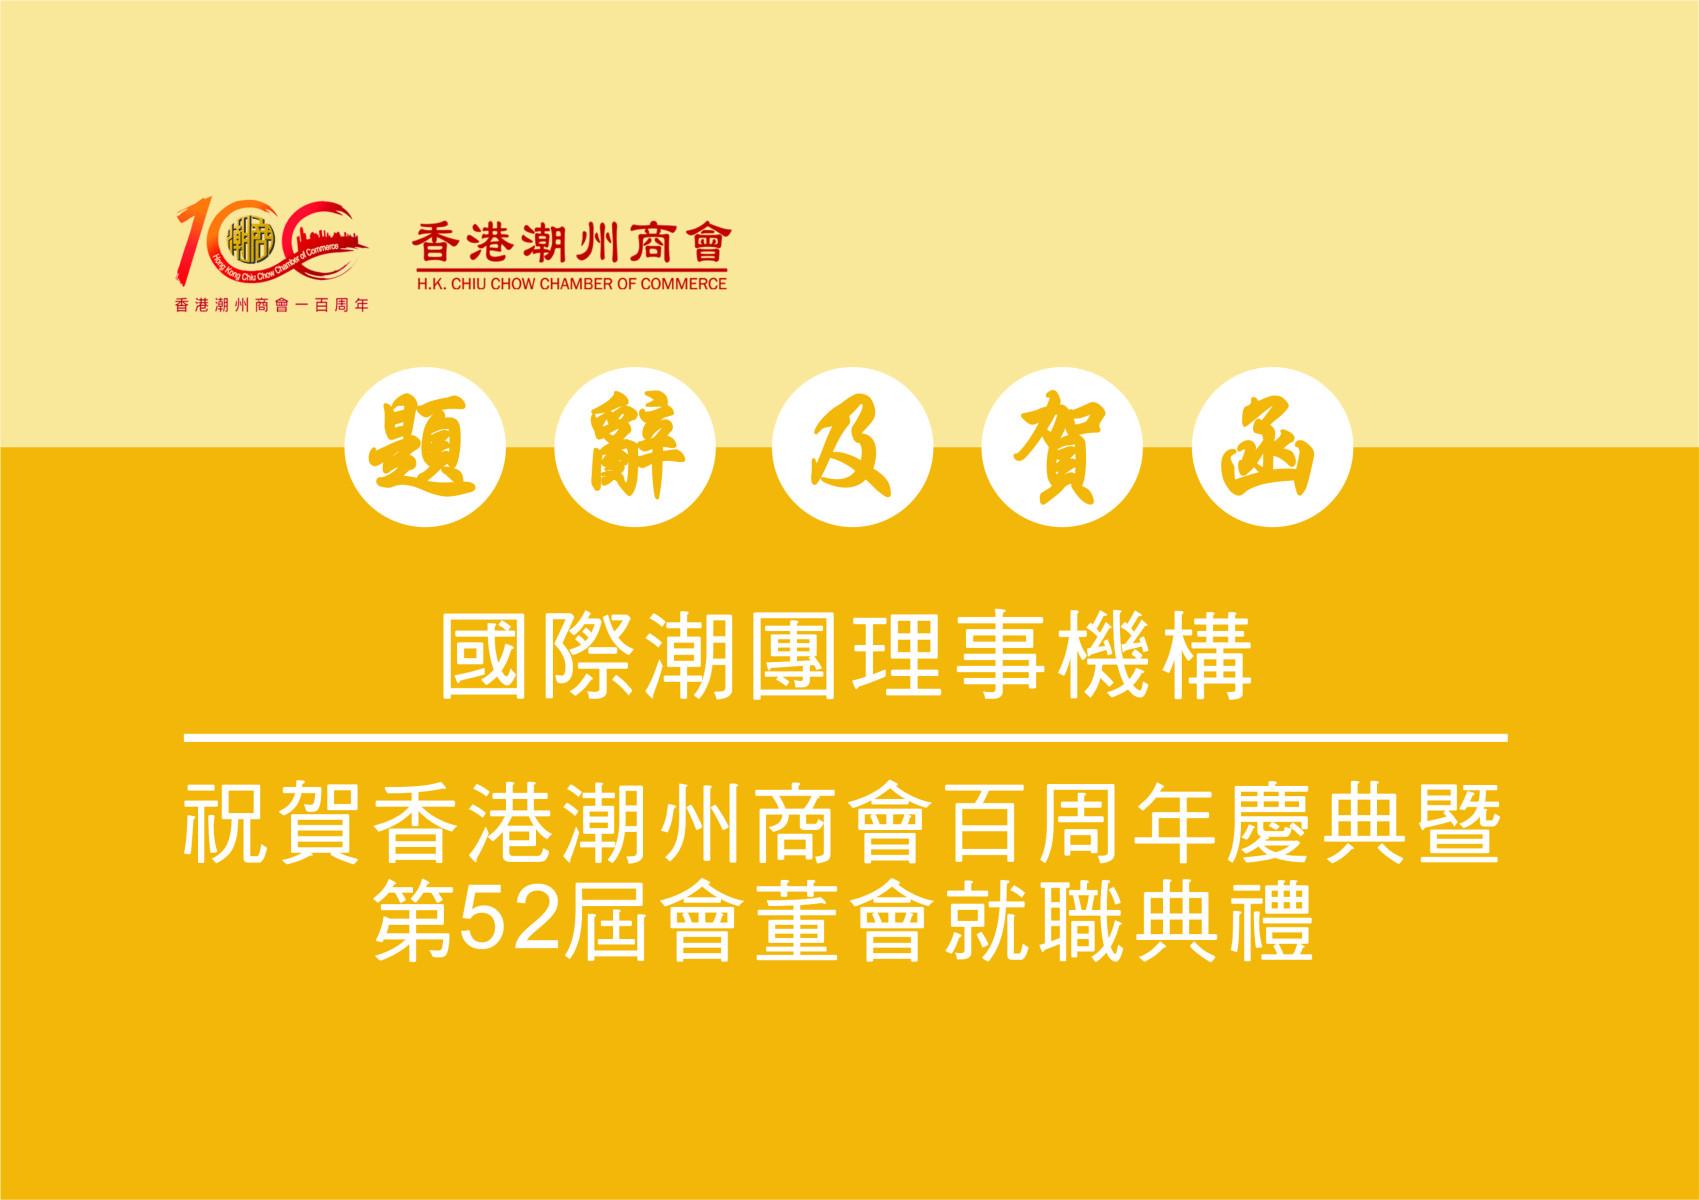 國際潮團理事機構祝賀香港潮州商會百周年慶典視像